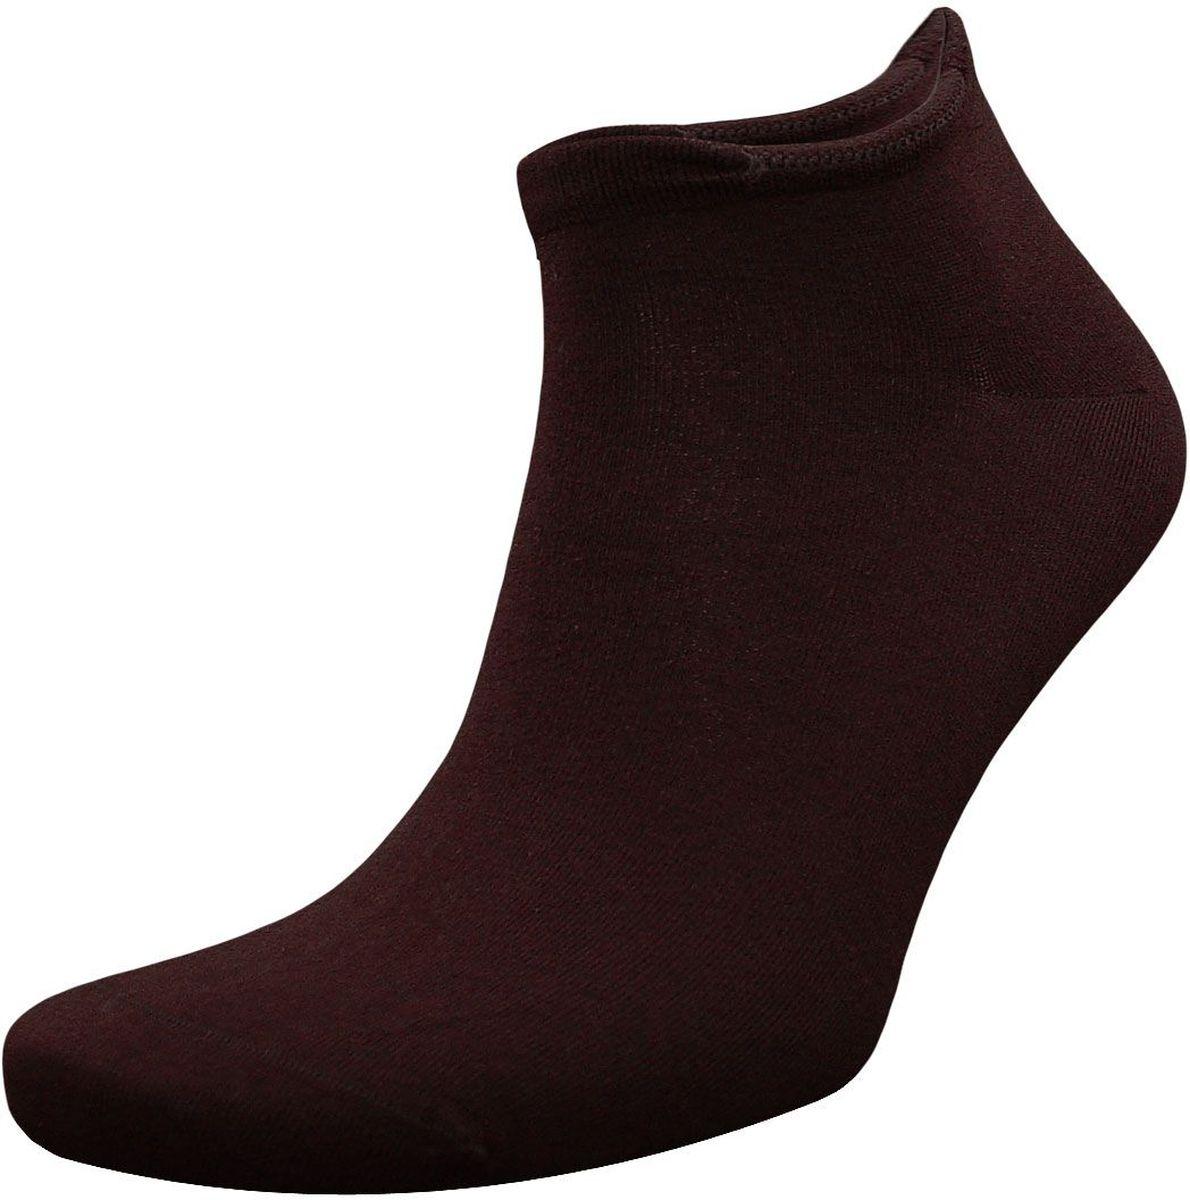 ZCL4Мужские носки Гранд выполнены из хлопка и оформлены на паголенке рисунком гребешок. Основа материала - высококачественный хлопок. Носки хорошо держат форму и обладают повышенной воздухопроницаемостью, не линяют после многочисленных стирок, имеют оптимальную высоту паголенка, кеттельный шов и мягкую анатомическую резинку.